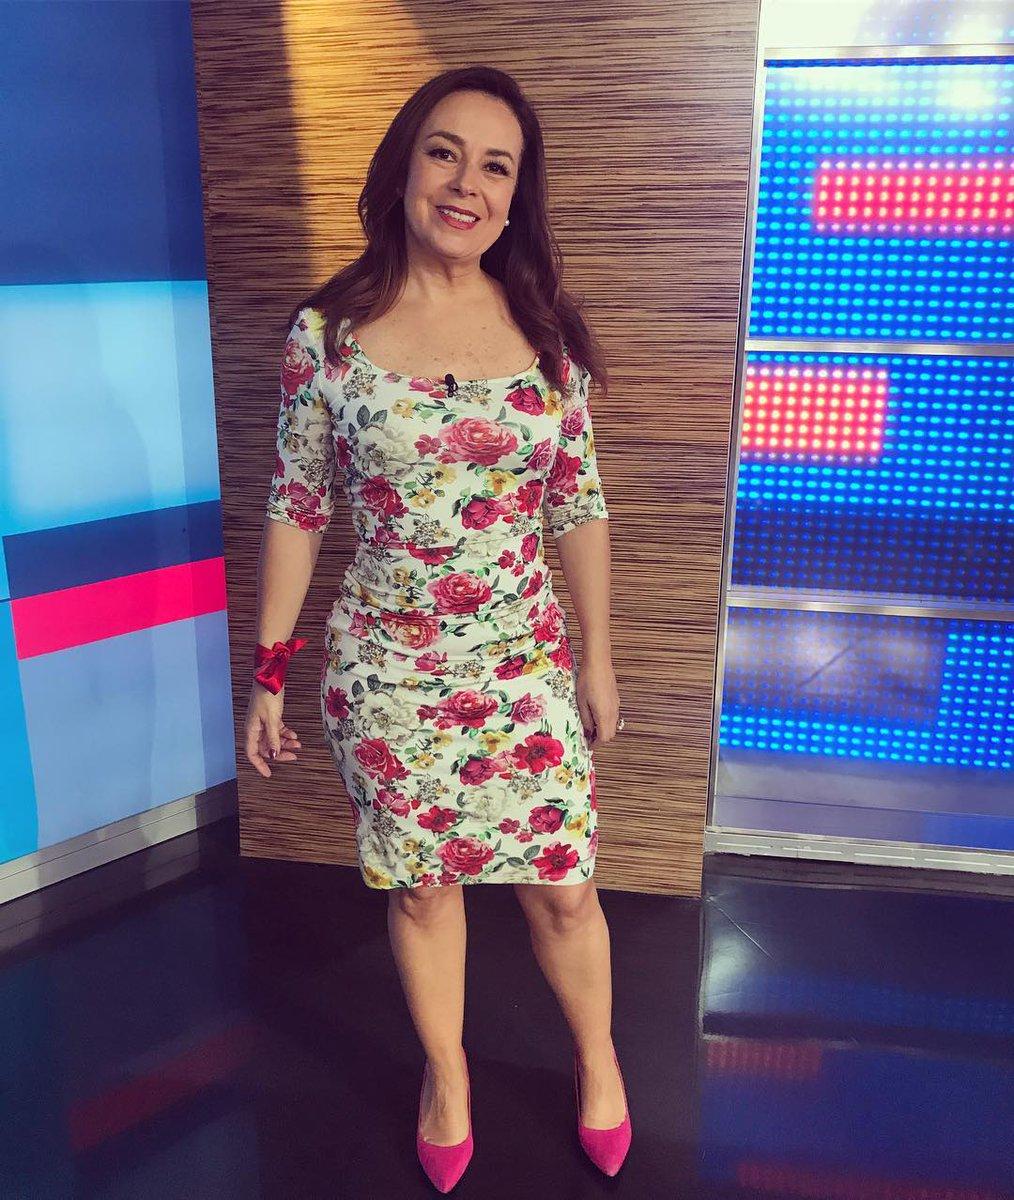 Raquel Mendez Club De Fans At Mendezclub Twitter